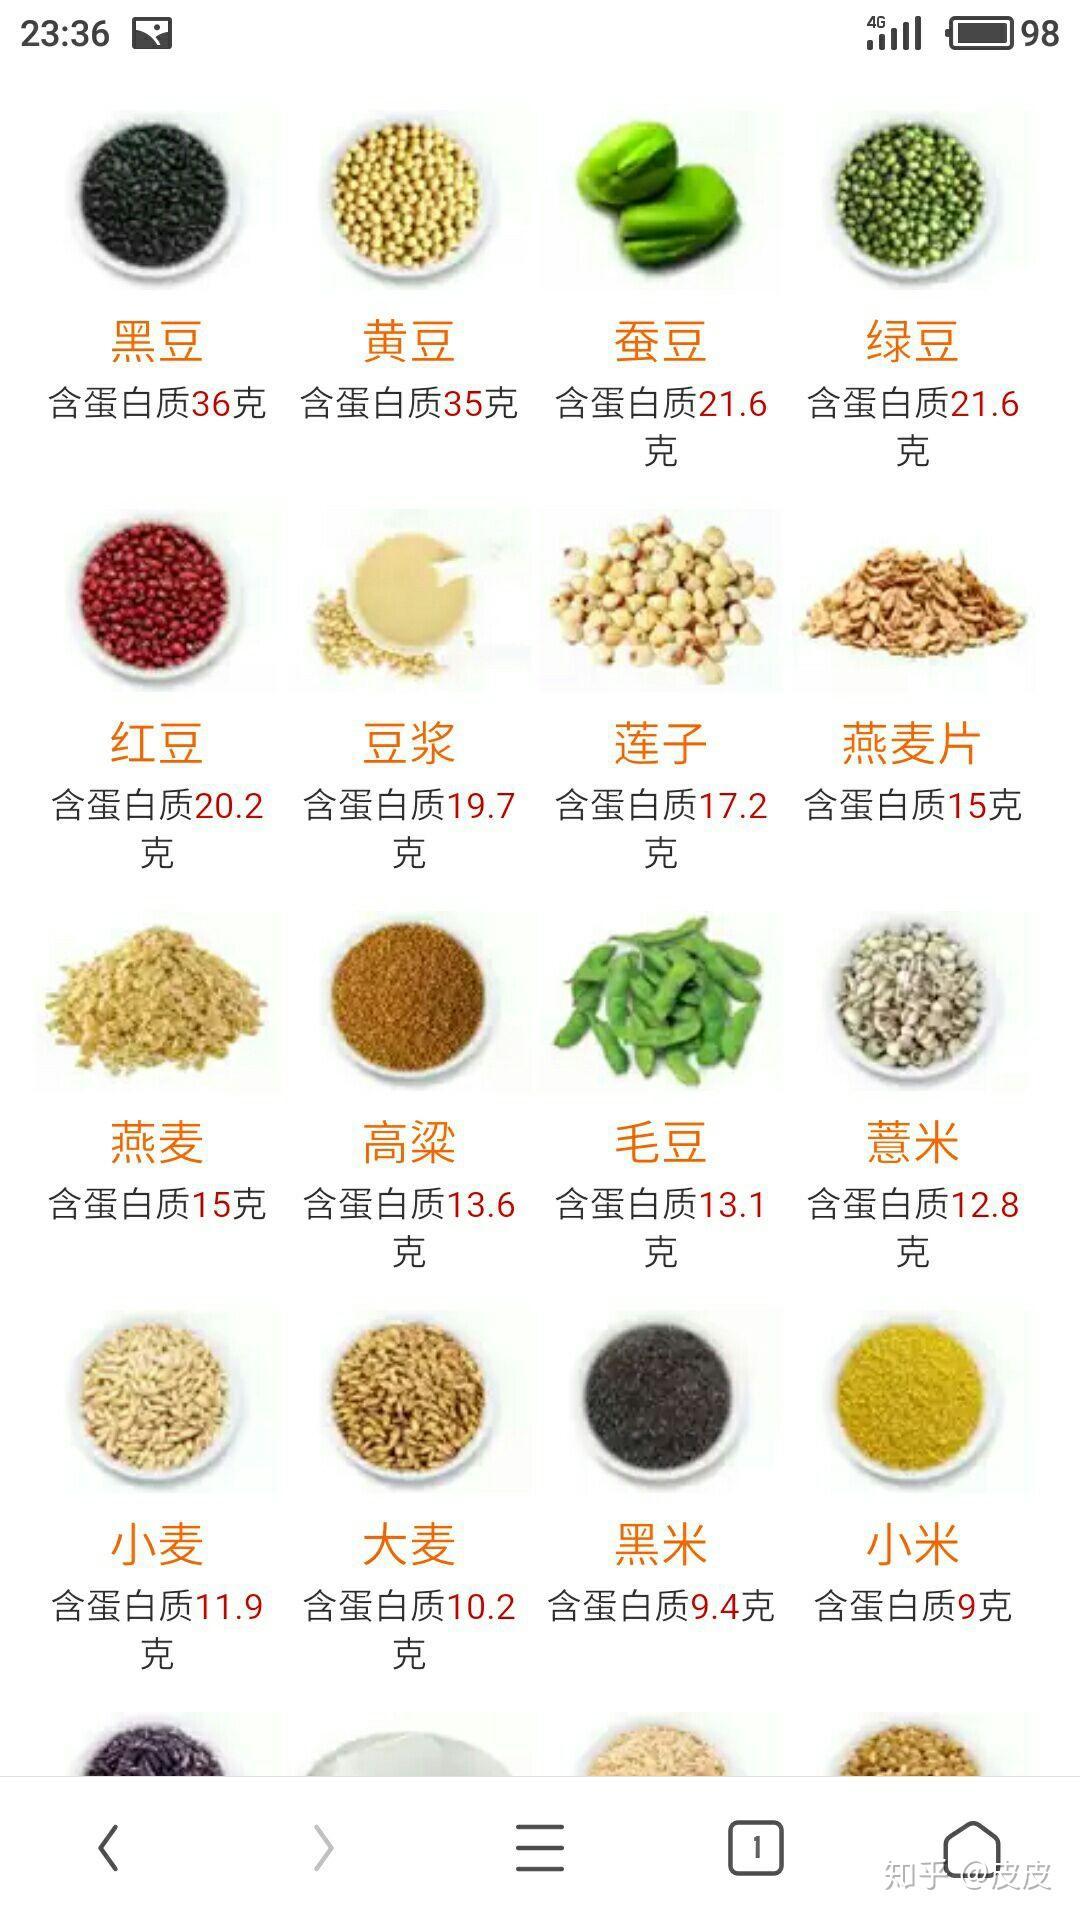 哪些食物蛋白质含量高,最好吸收的是什么?